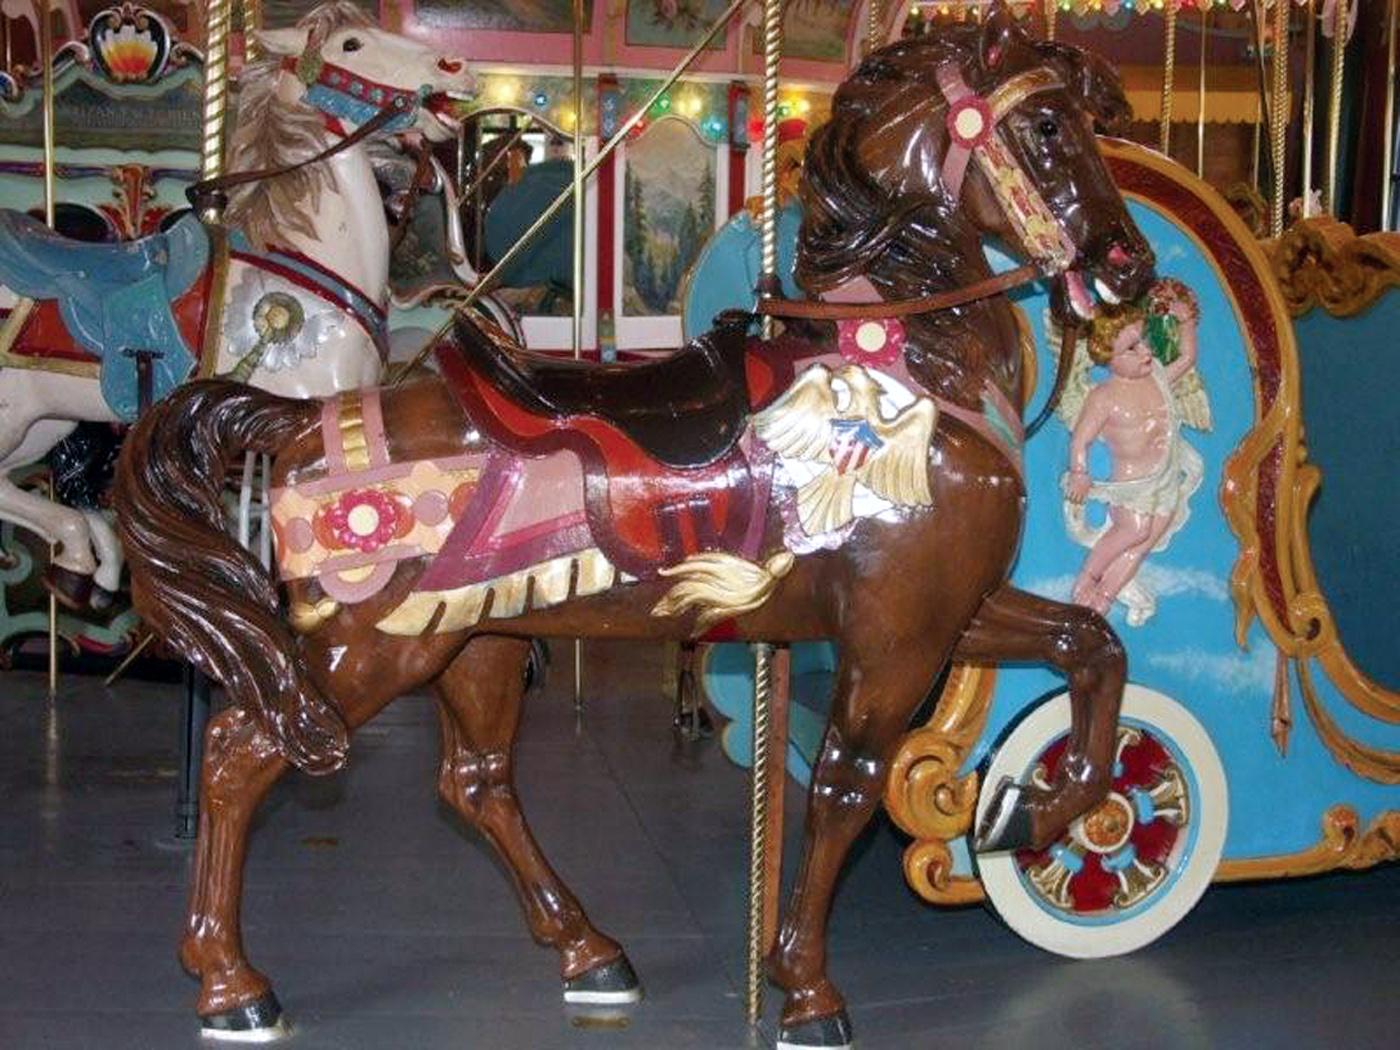 1927-PTC-80-osr-carousel-horse-Holyoke-j-horwitz-photo